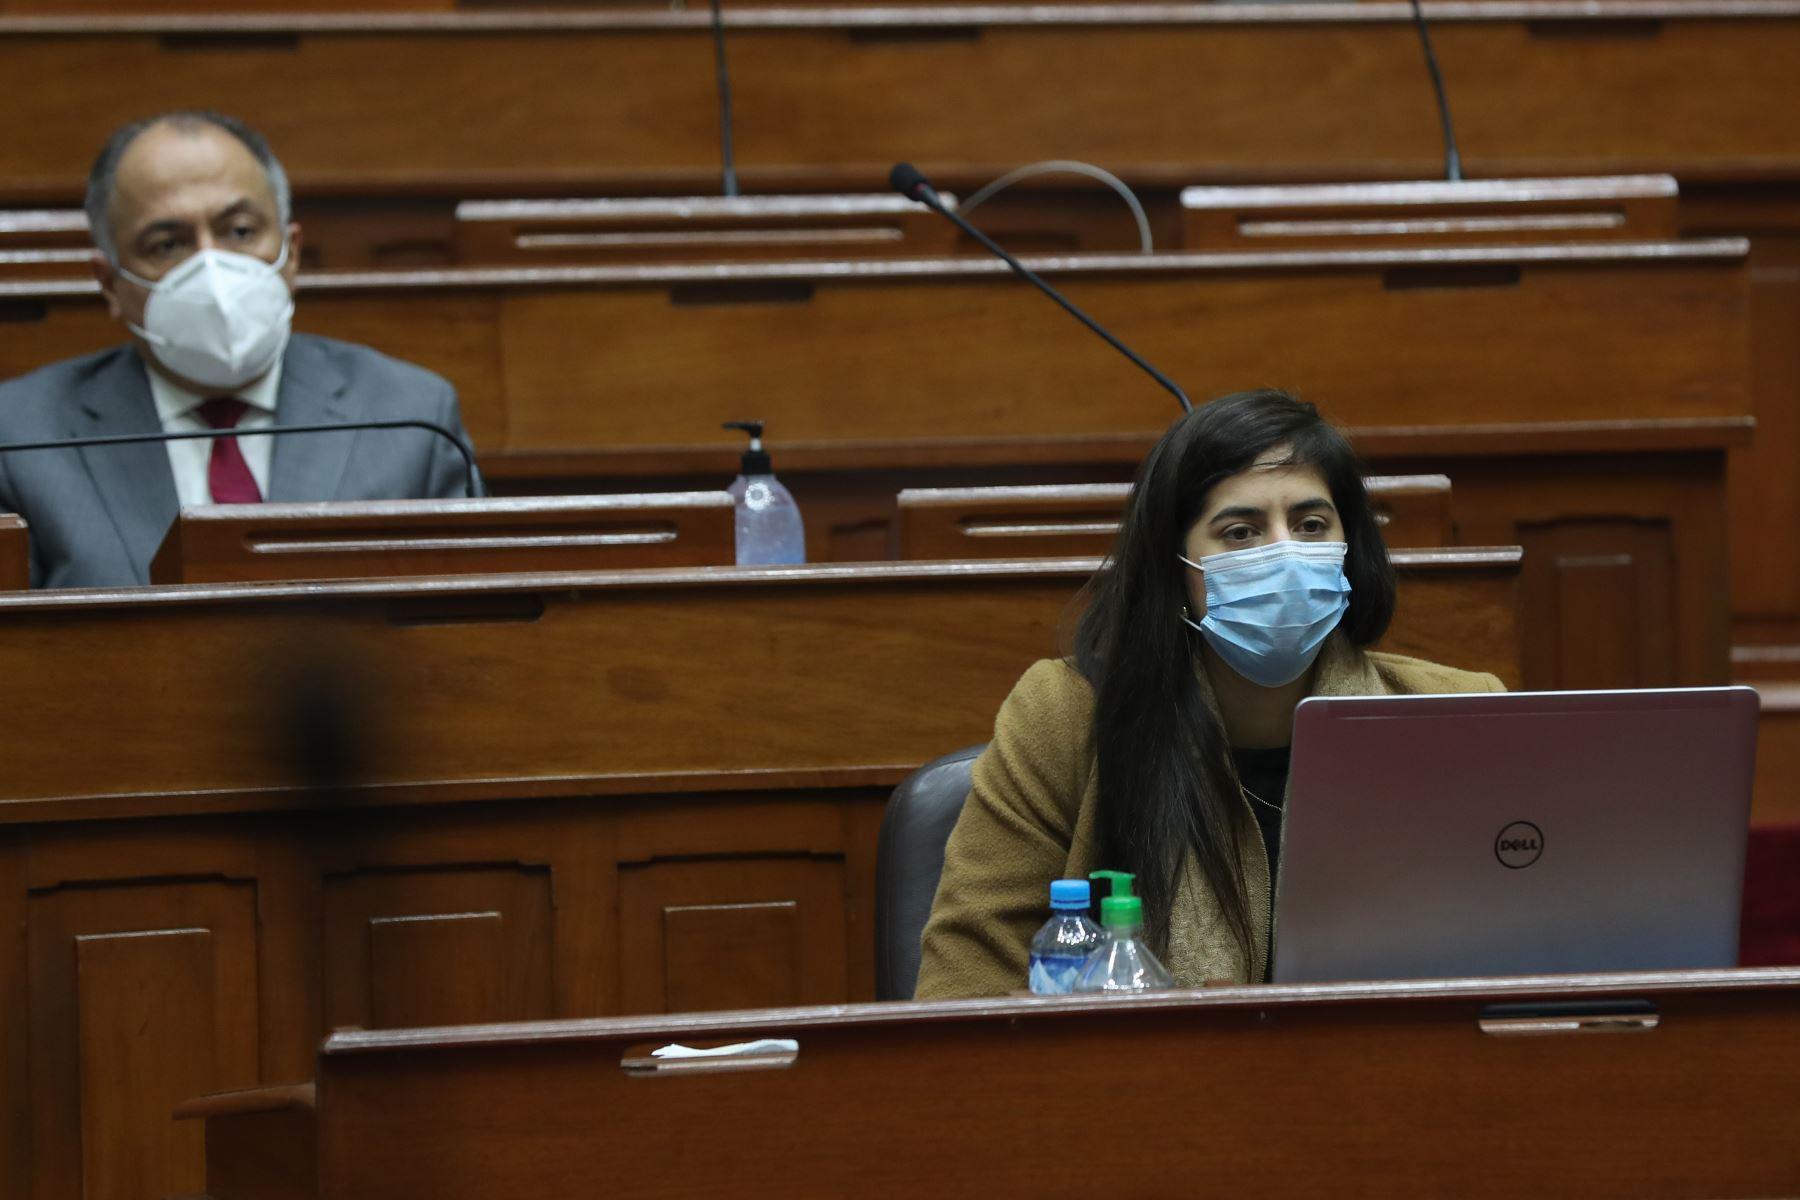 Ministra de Economía y Finanzas, Maria Antonieta Alva, se presenta en Congreso junto a gabinete ministerial para solicitar voto de confianza. Foto: ANDINA/PCM